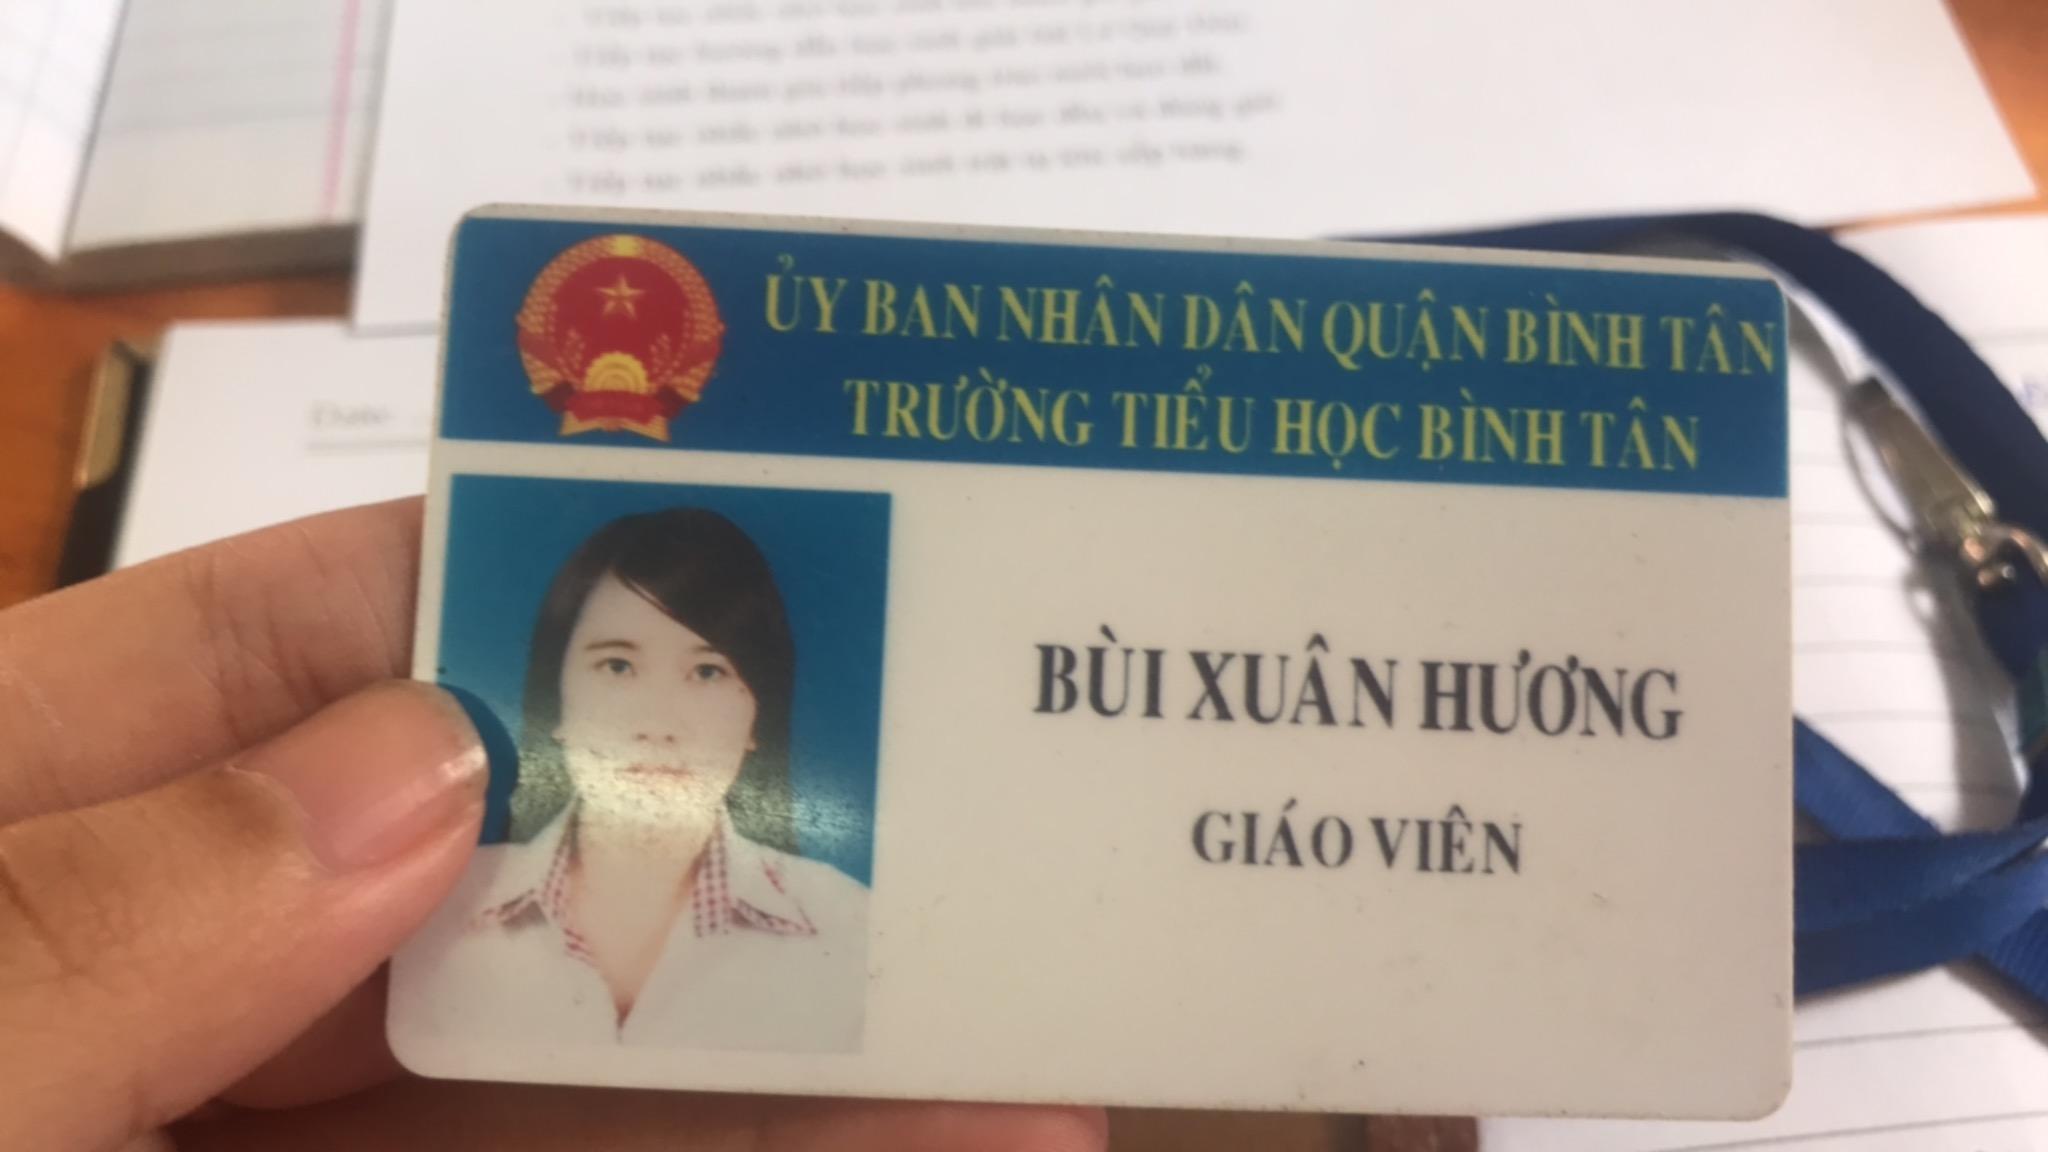 Bùi Xuân Hương